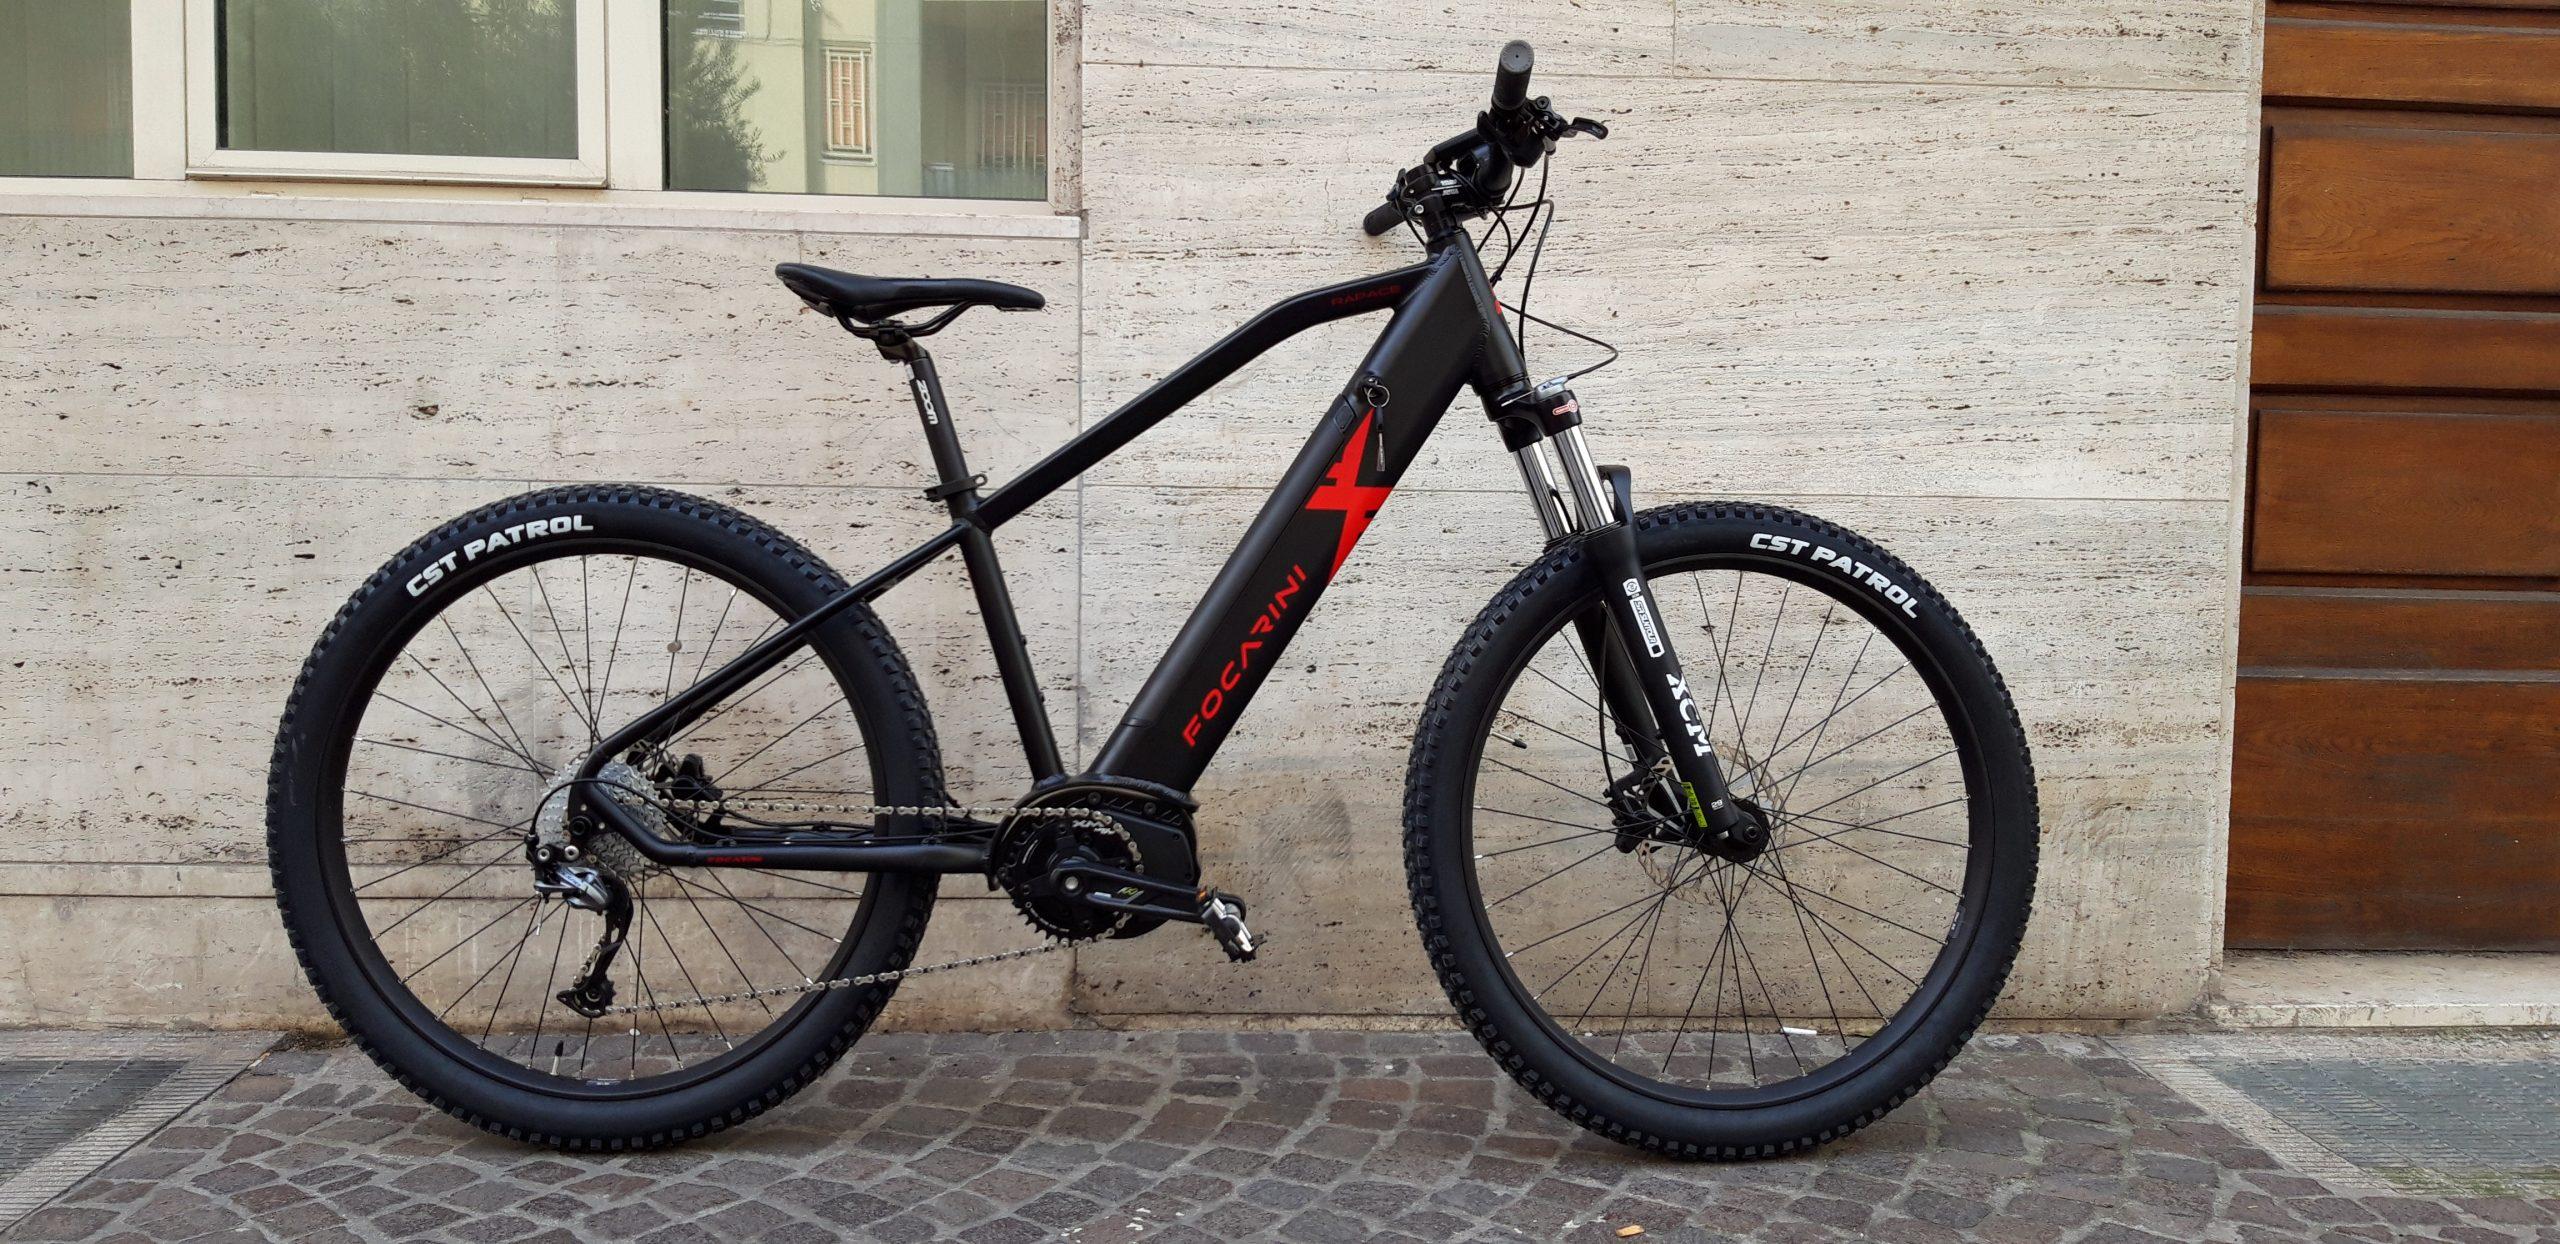 greenbike pesaro-MTB elettriche-Focarini MTB